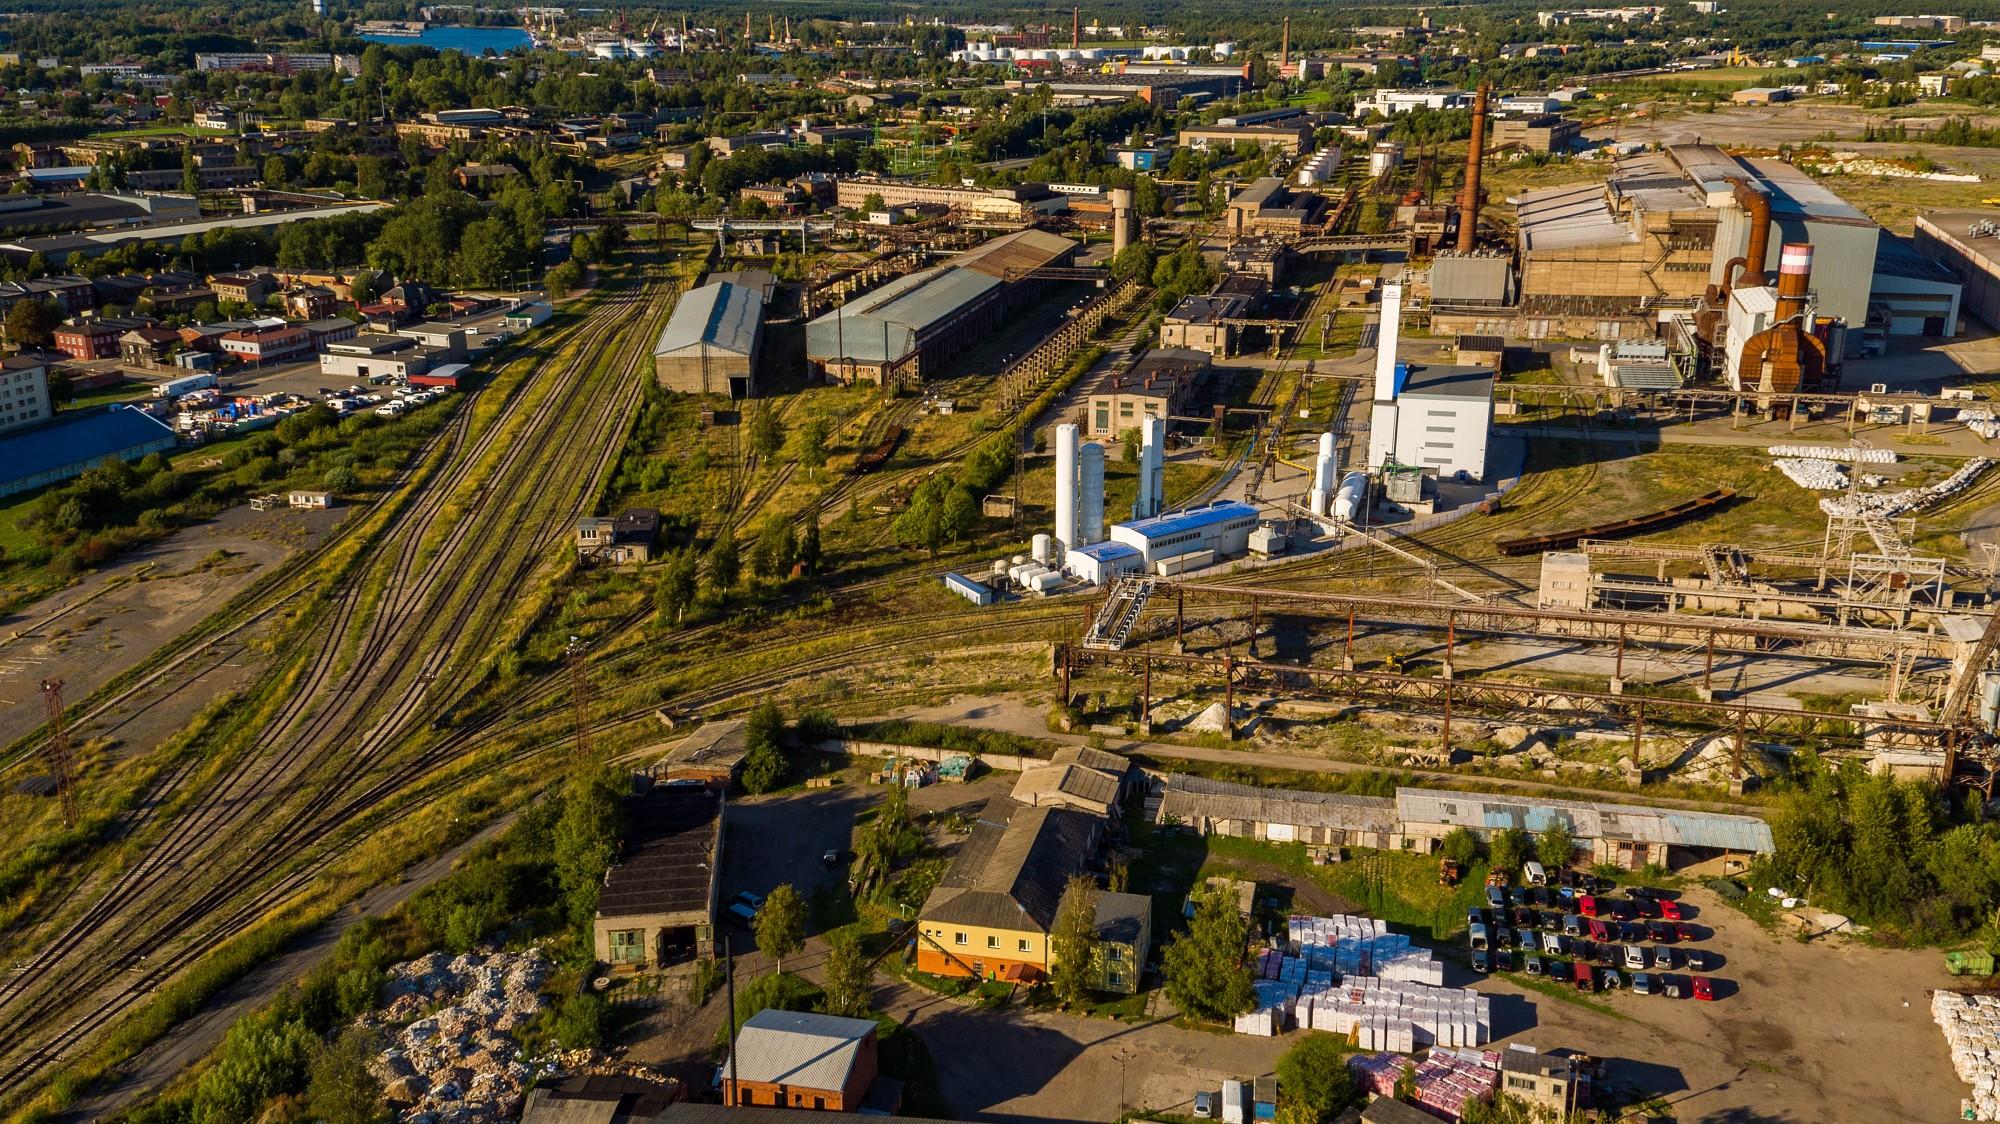 Начинают хранение грузов Лиепайского порта на территории бывшего «Лиепаяс металургс»